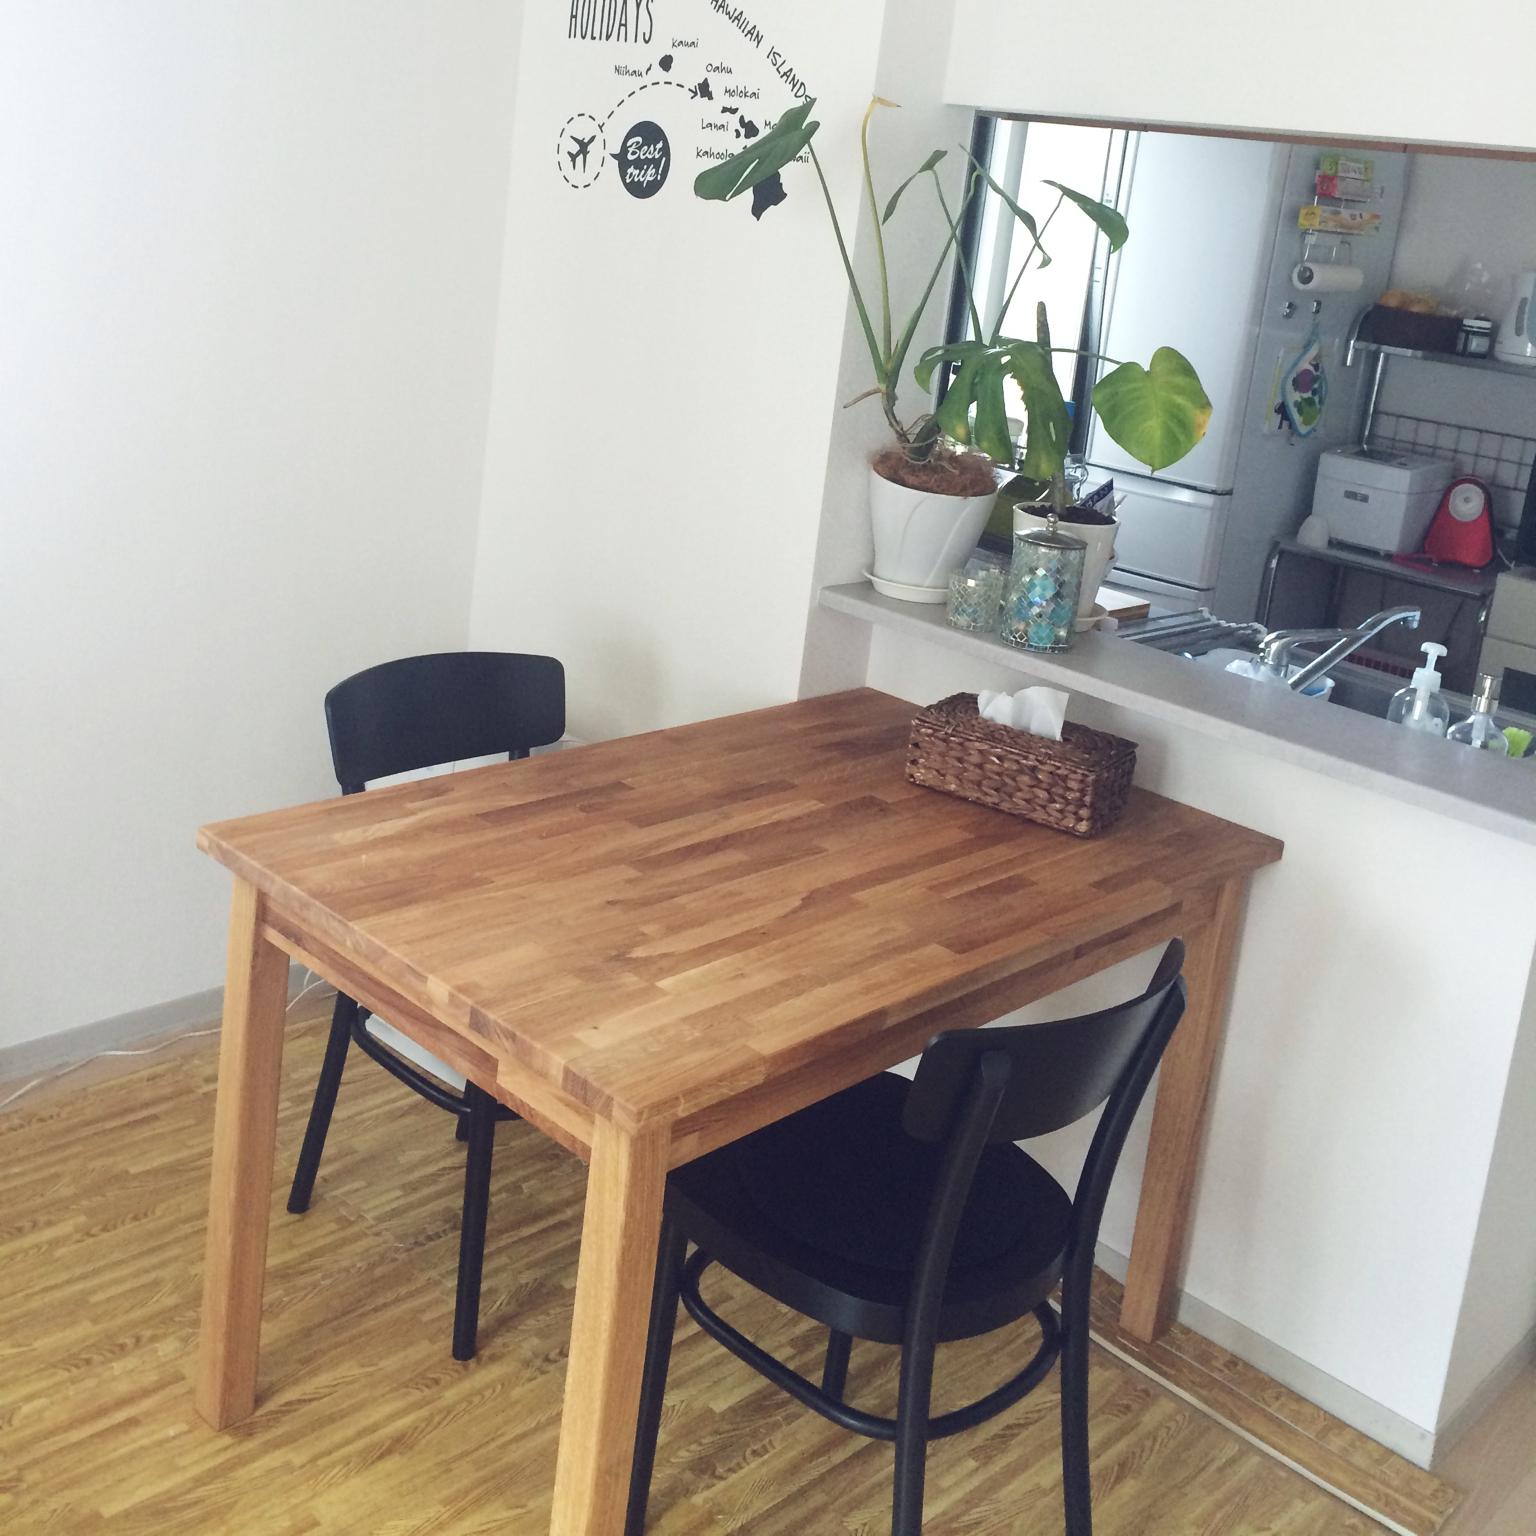 IKEAのダイニングテーブルに注目!タイプ別おすすめはコレ